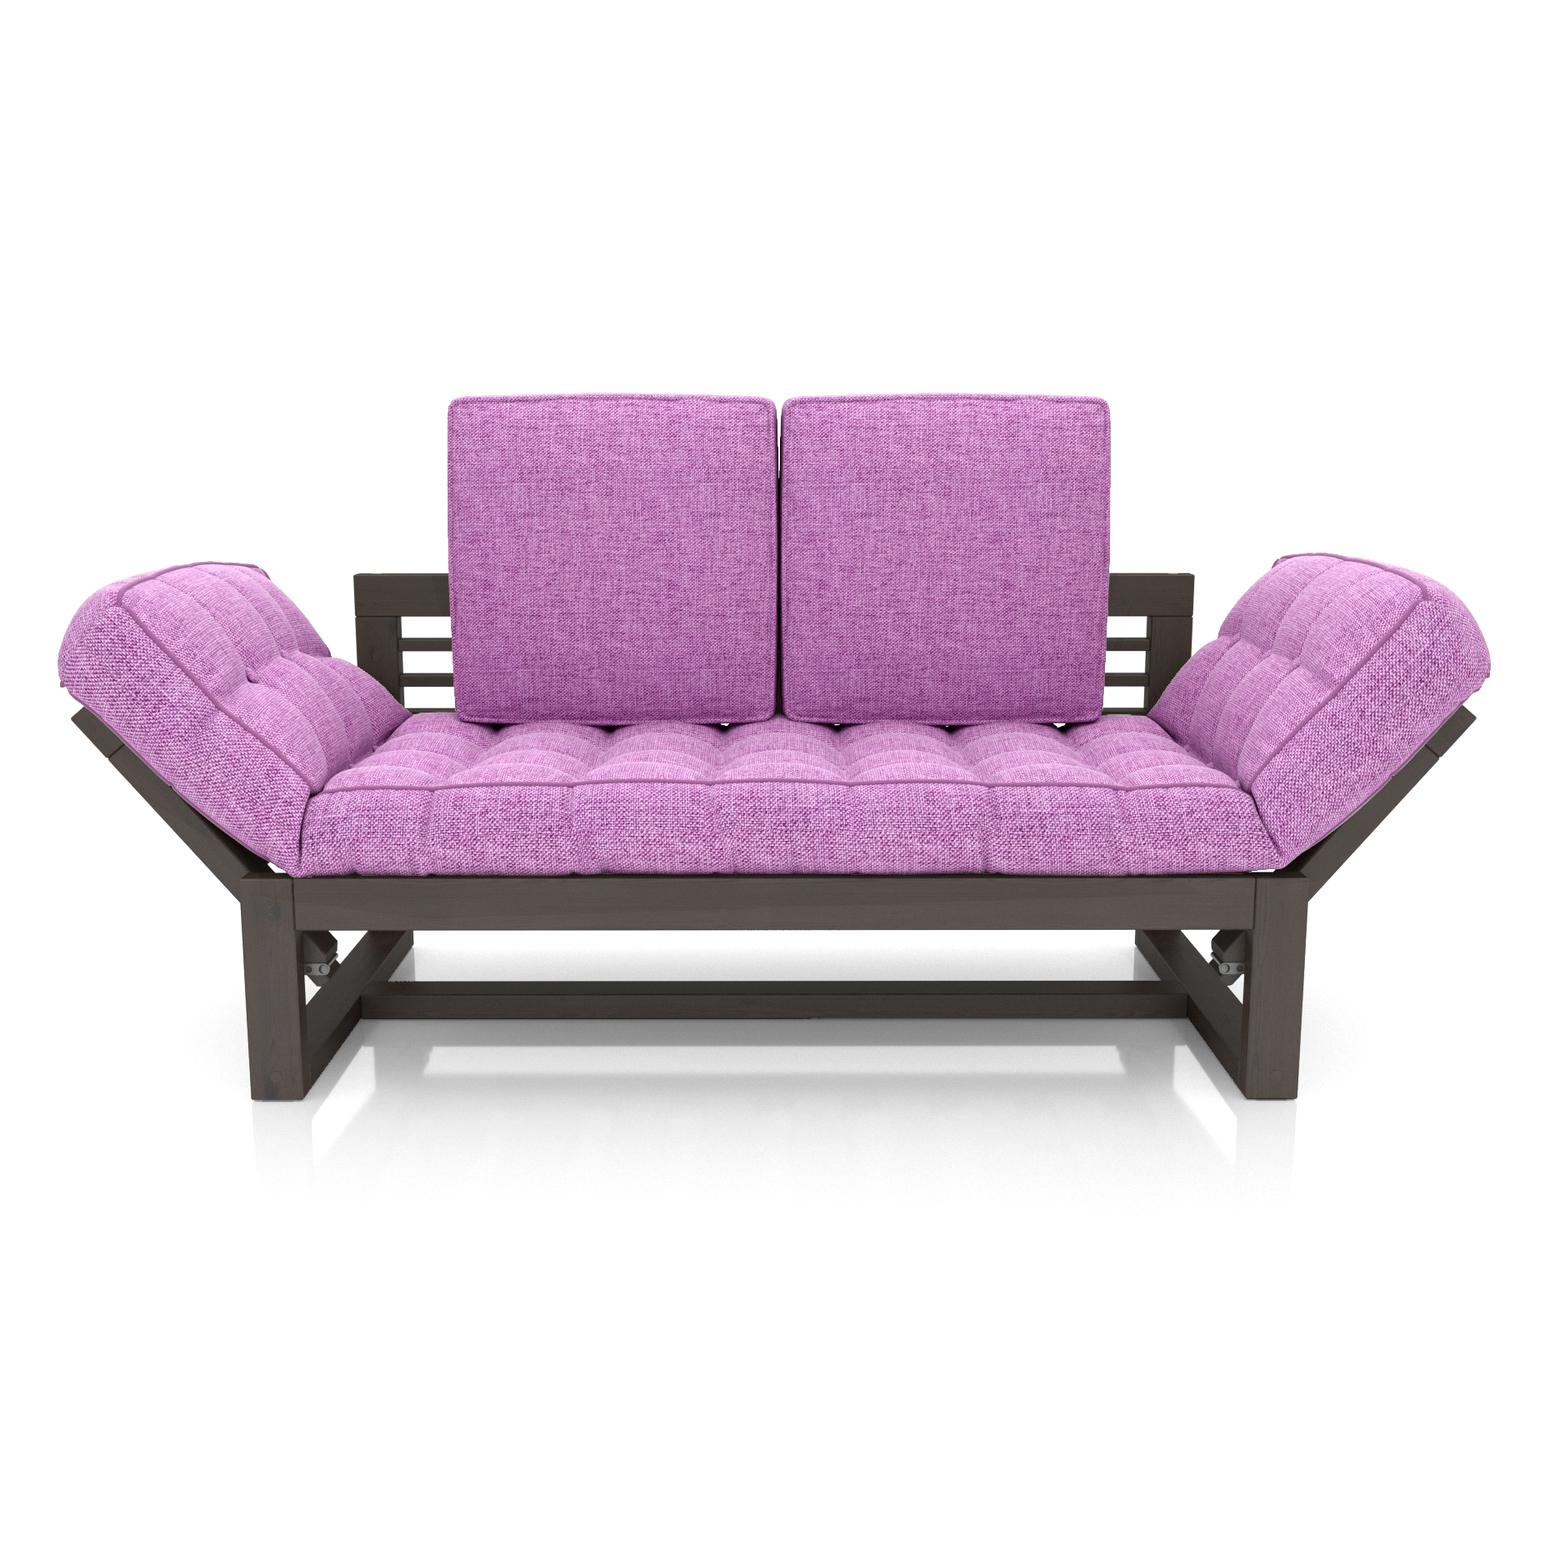 Кушетка AS Бекка 170x76x65 венге/фиолетовый